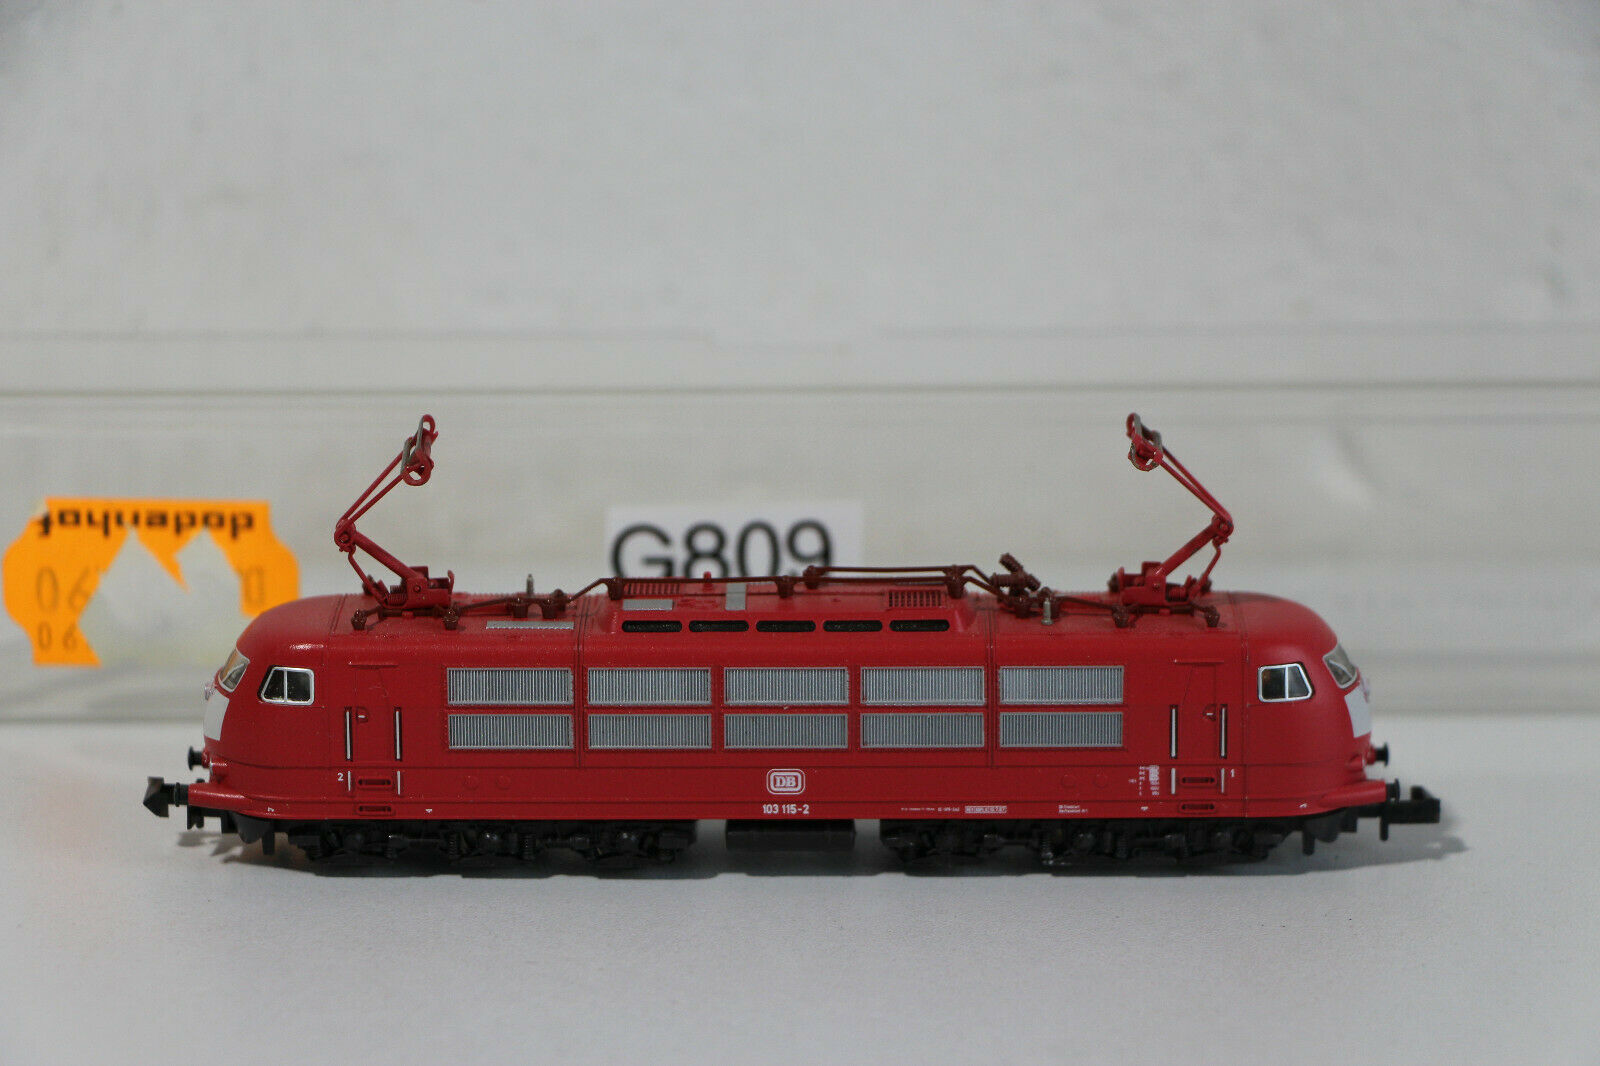 el estilo clásico Mini-Trix Mini-Trix Mini-Trix 103 115-2 N-pista (g809-r59)  compras en linea